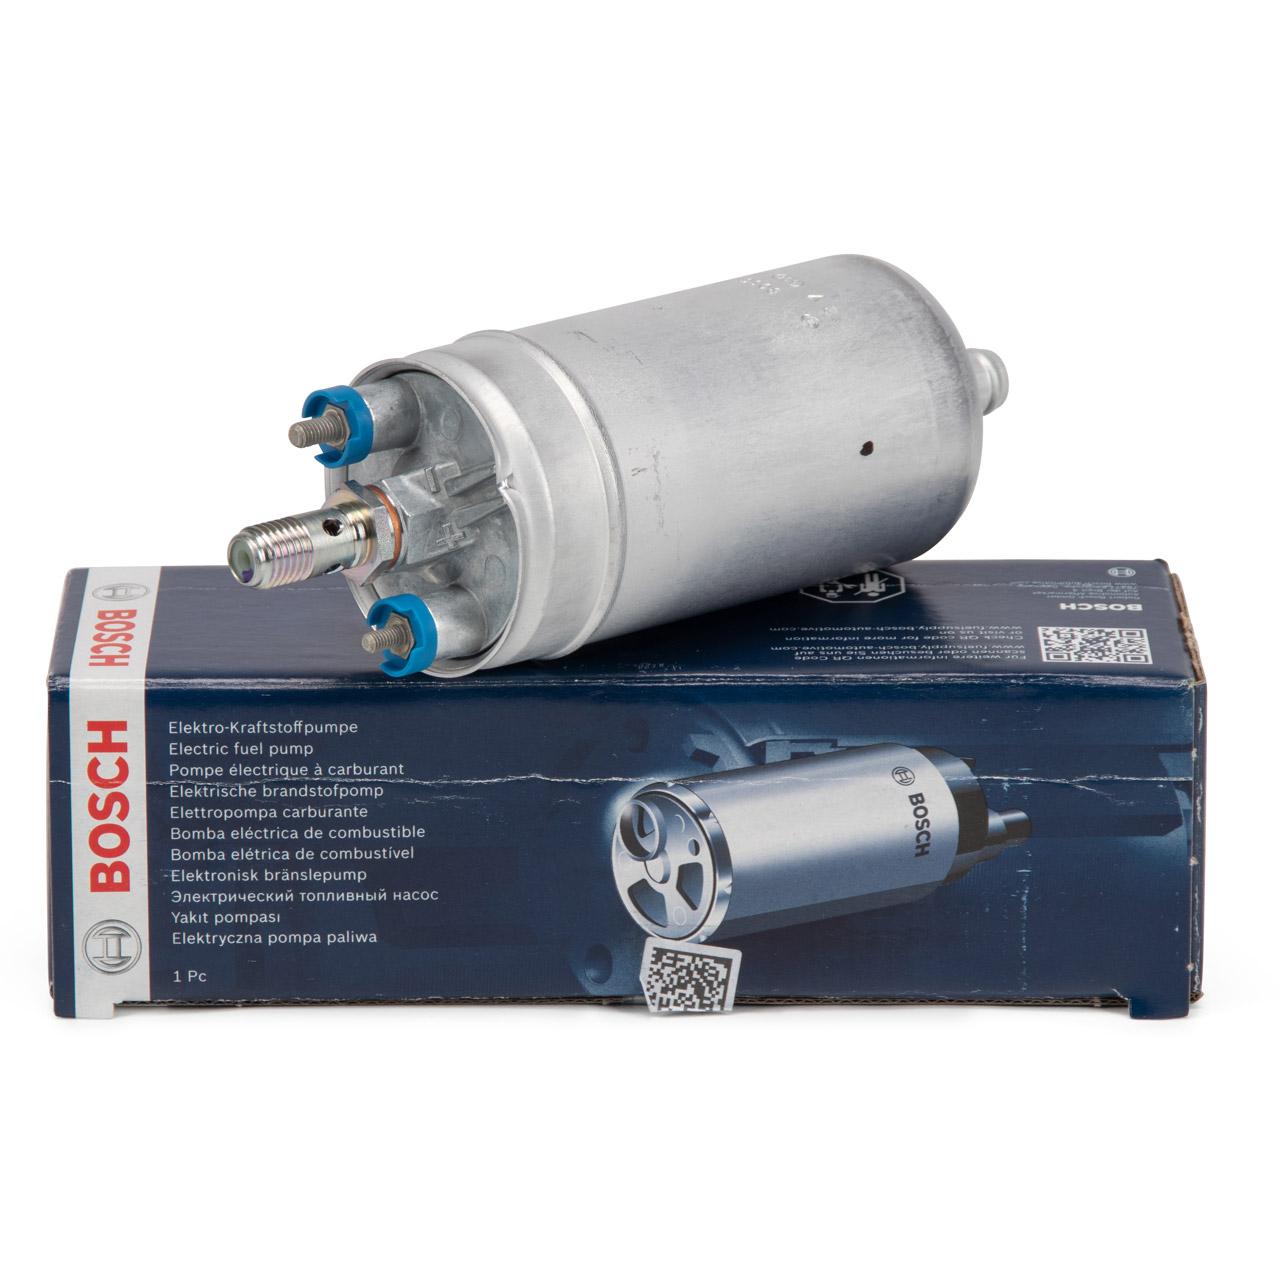 BOSCH 0580464045 Kraftstoffpumpe für PORSCHE 928 4.7 S 5.0 S / S4 92860810402